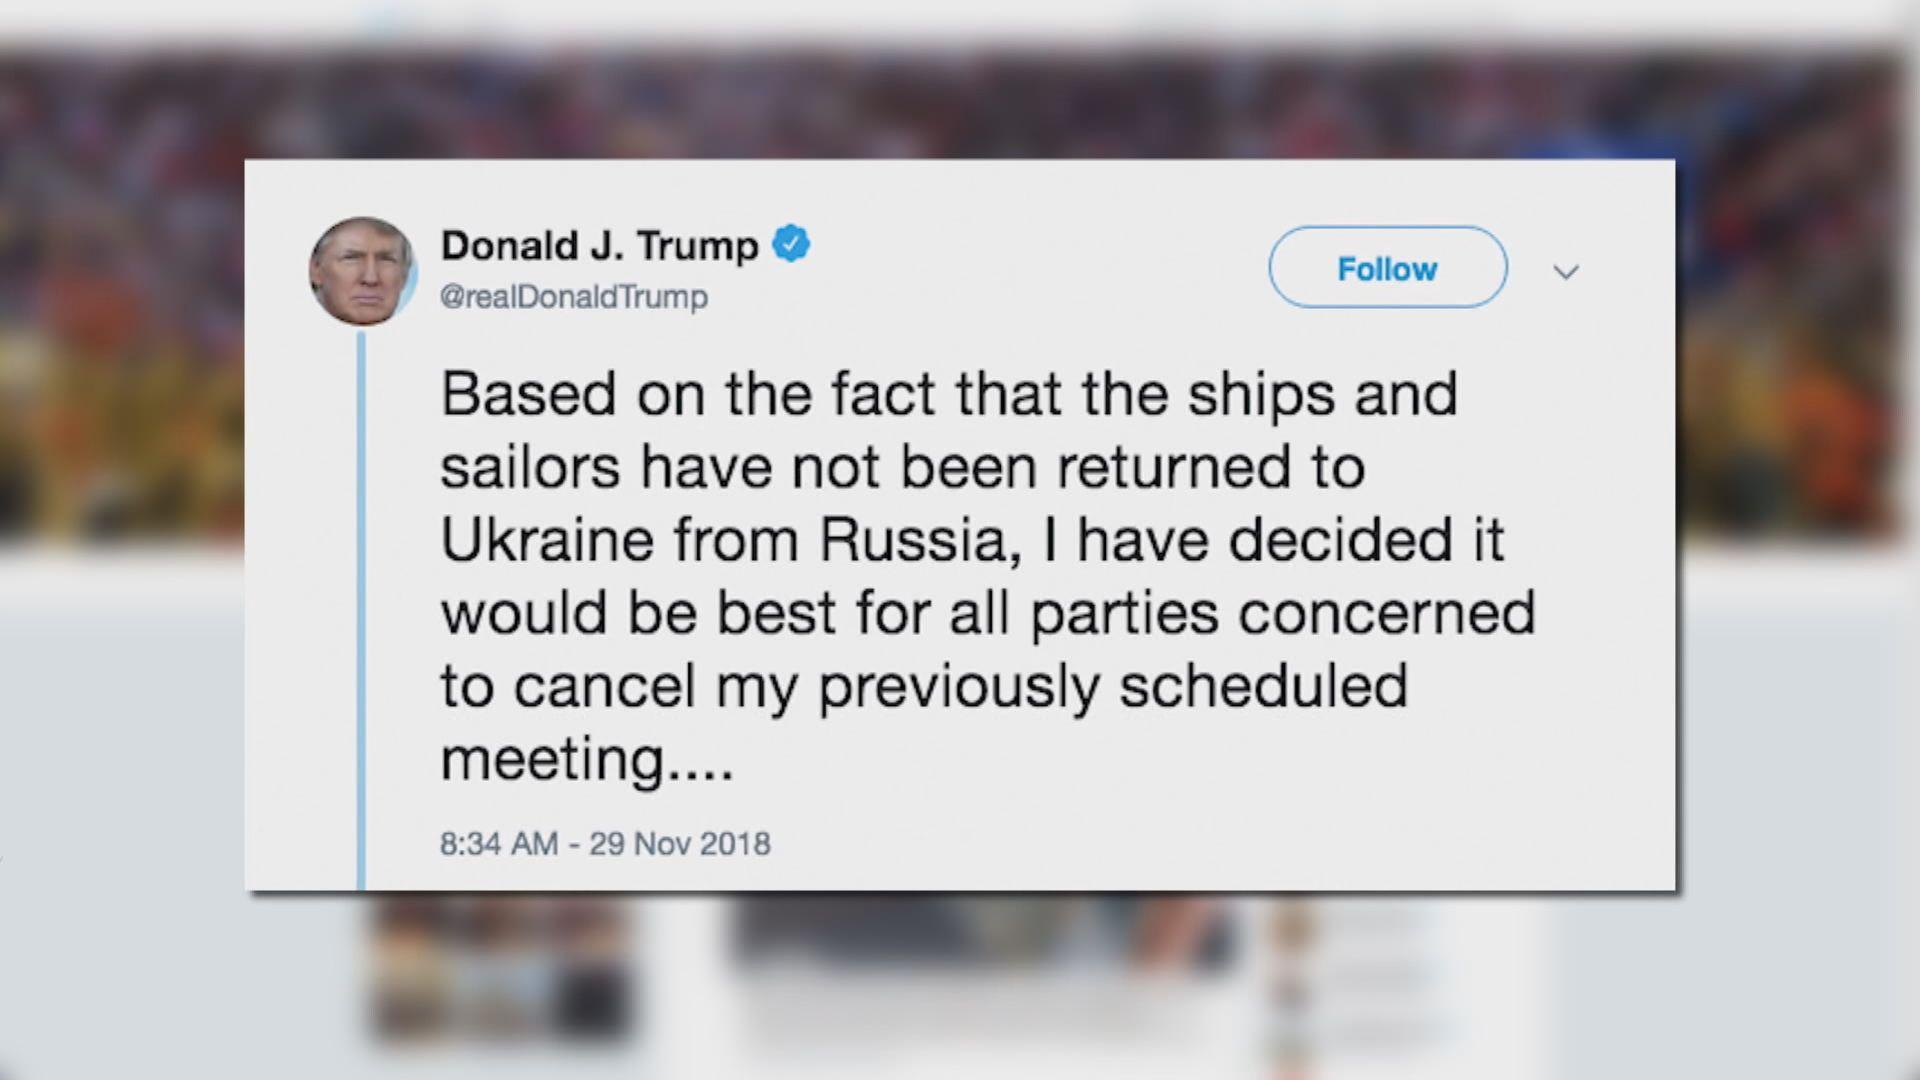 特朗普突然宣布取消與普京會面